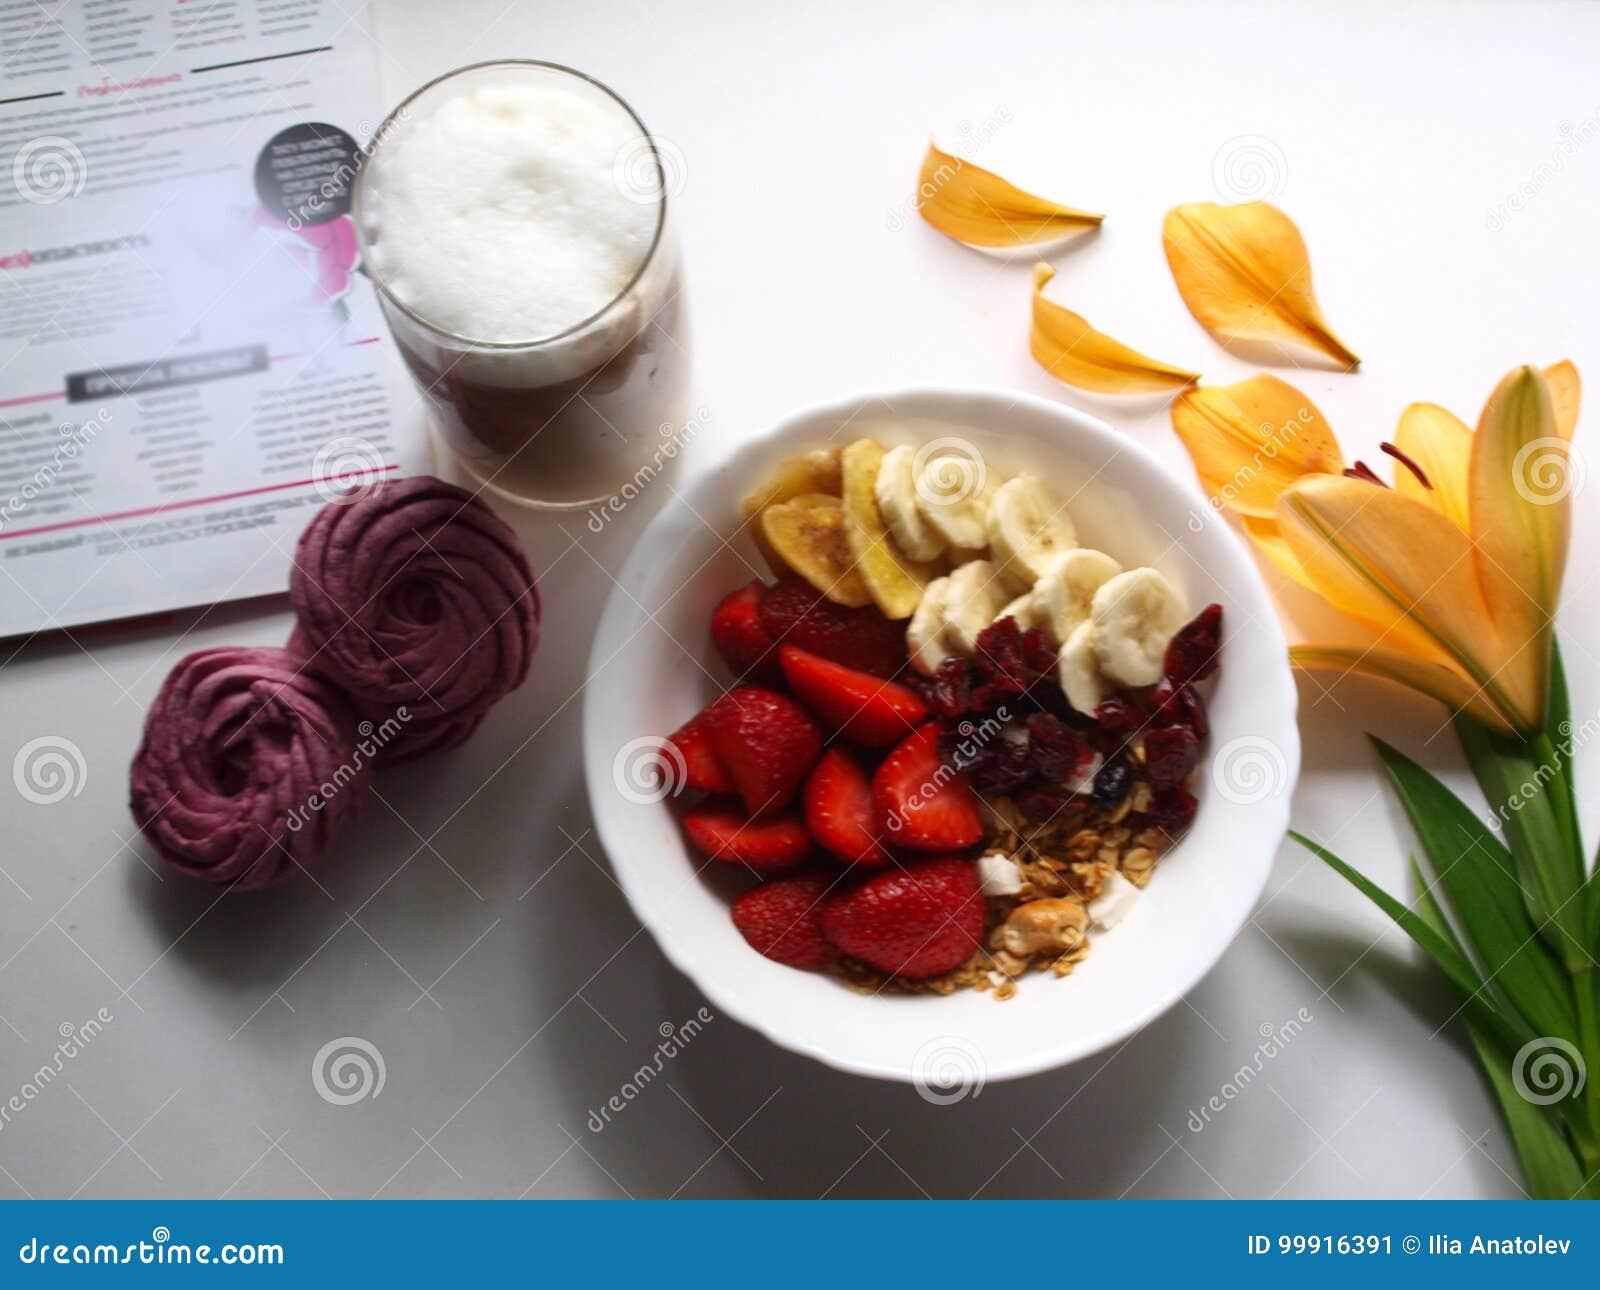 Ochtendlunch met eigengemaakte heemst, vlokken, bessen, vruchten en latte